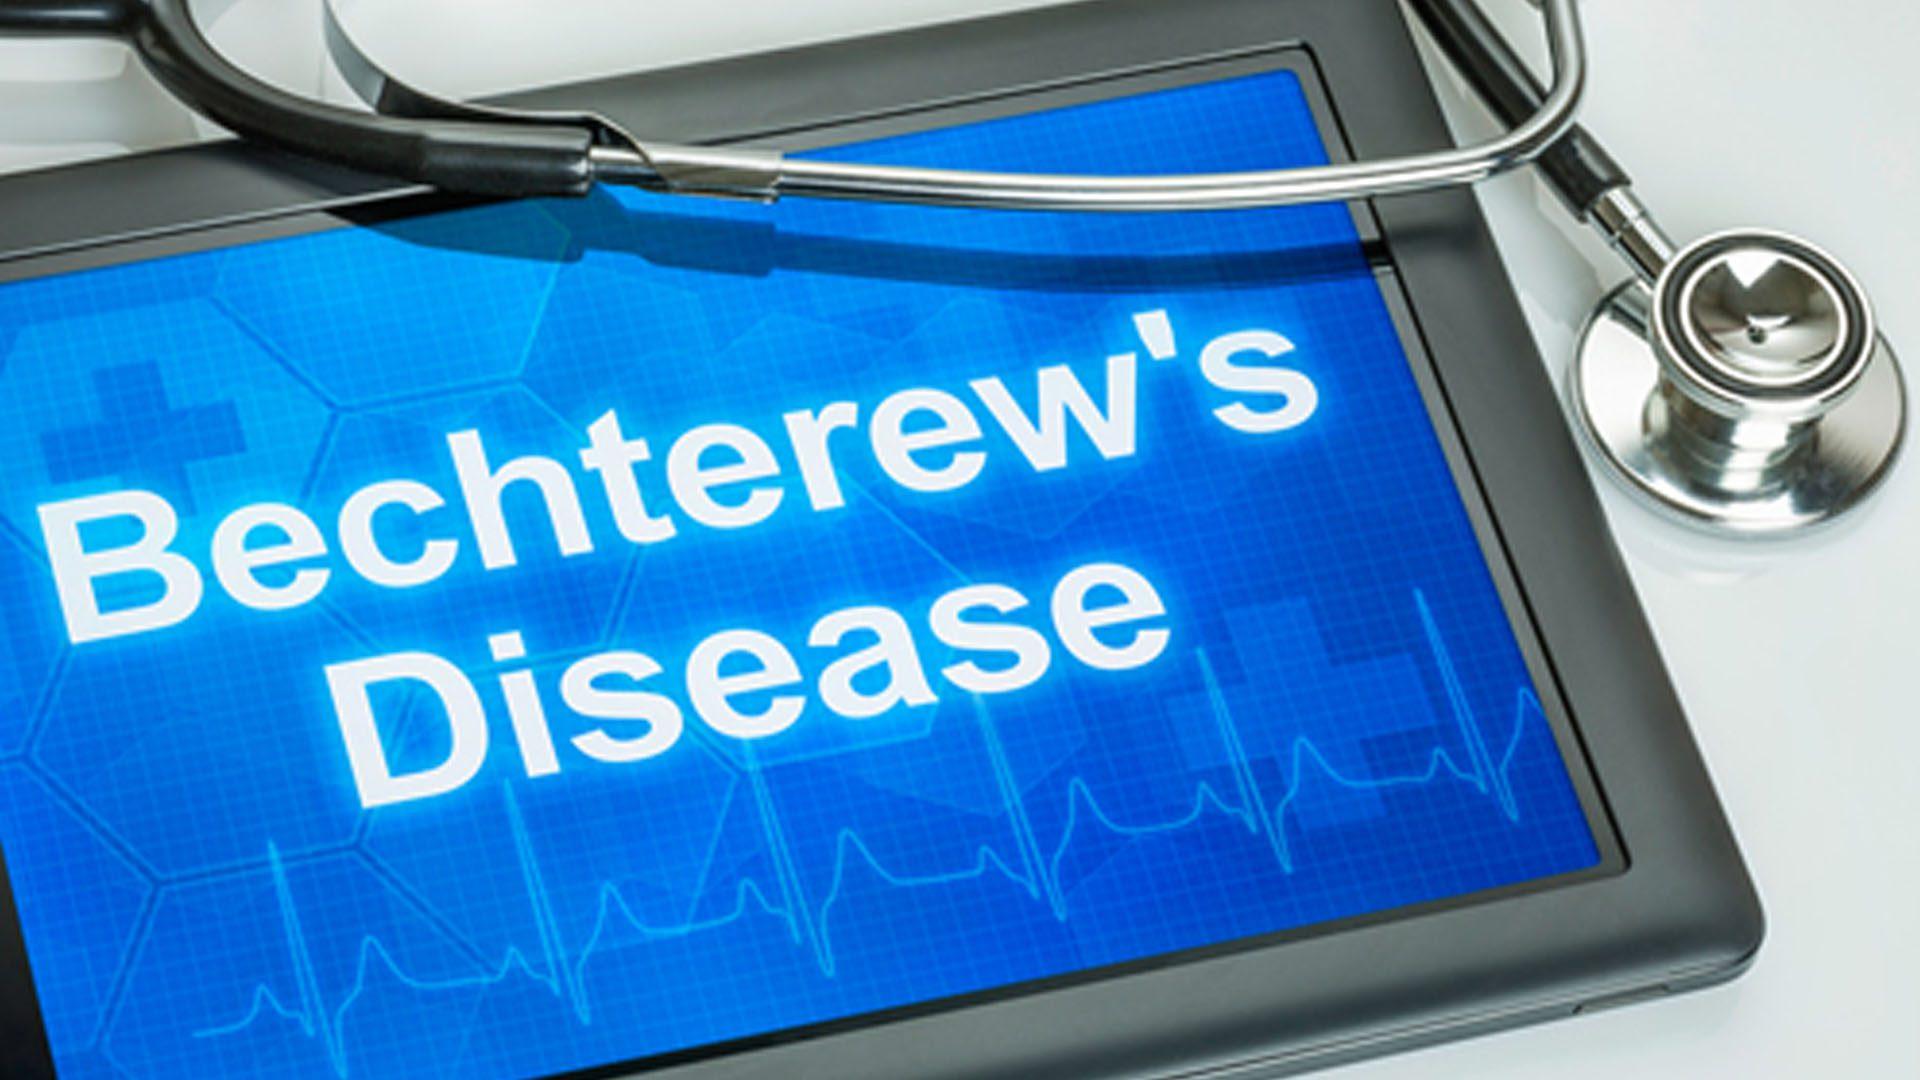 Trattamento chiropratico anchilosante Spondilite el paso tx.